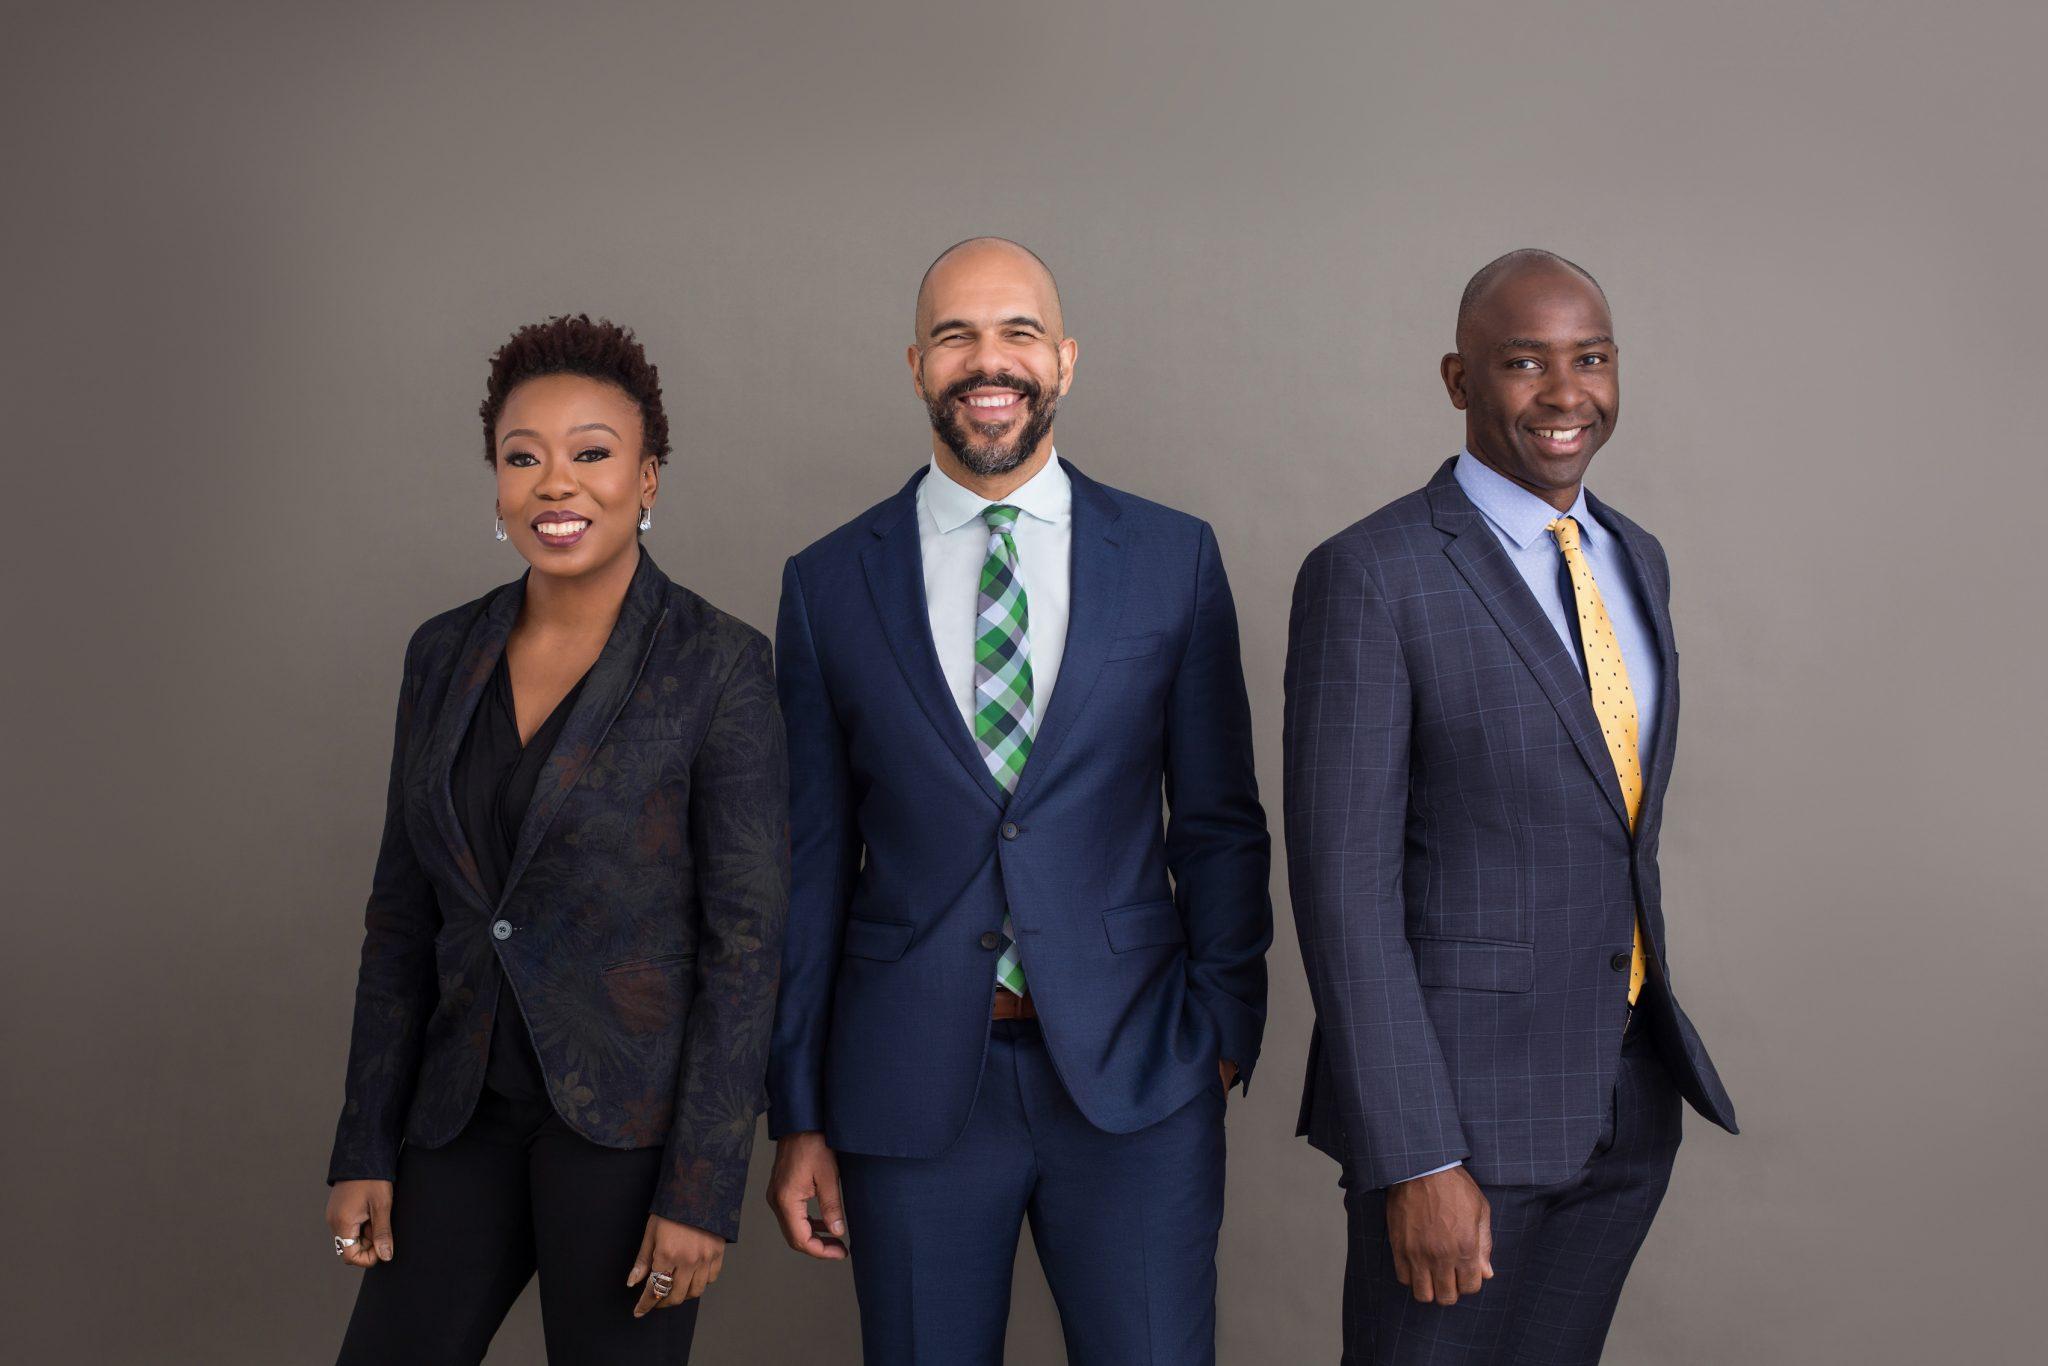 Mines' executives, left to right: Adia Sowho, Ekechi Nwokah, Kunle Olukotun